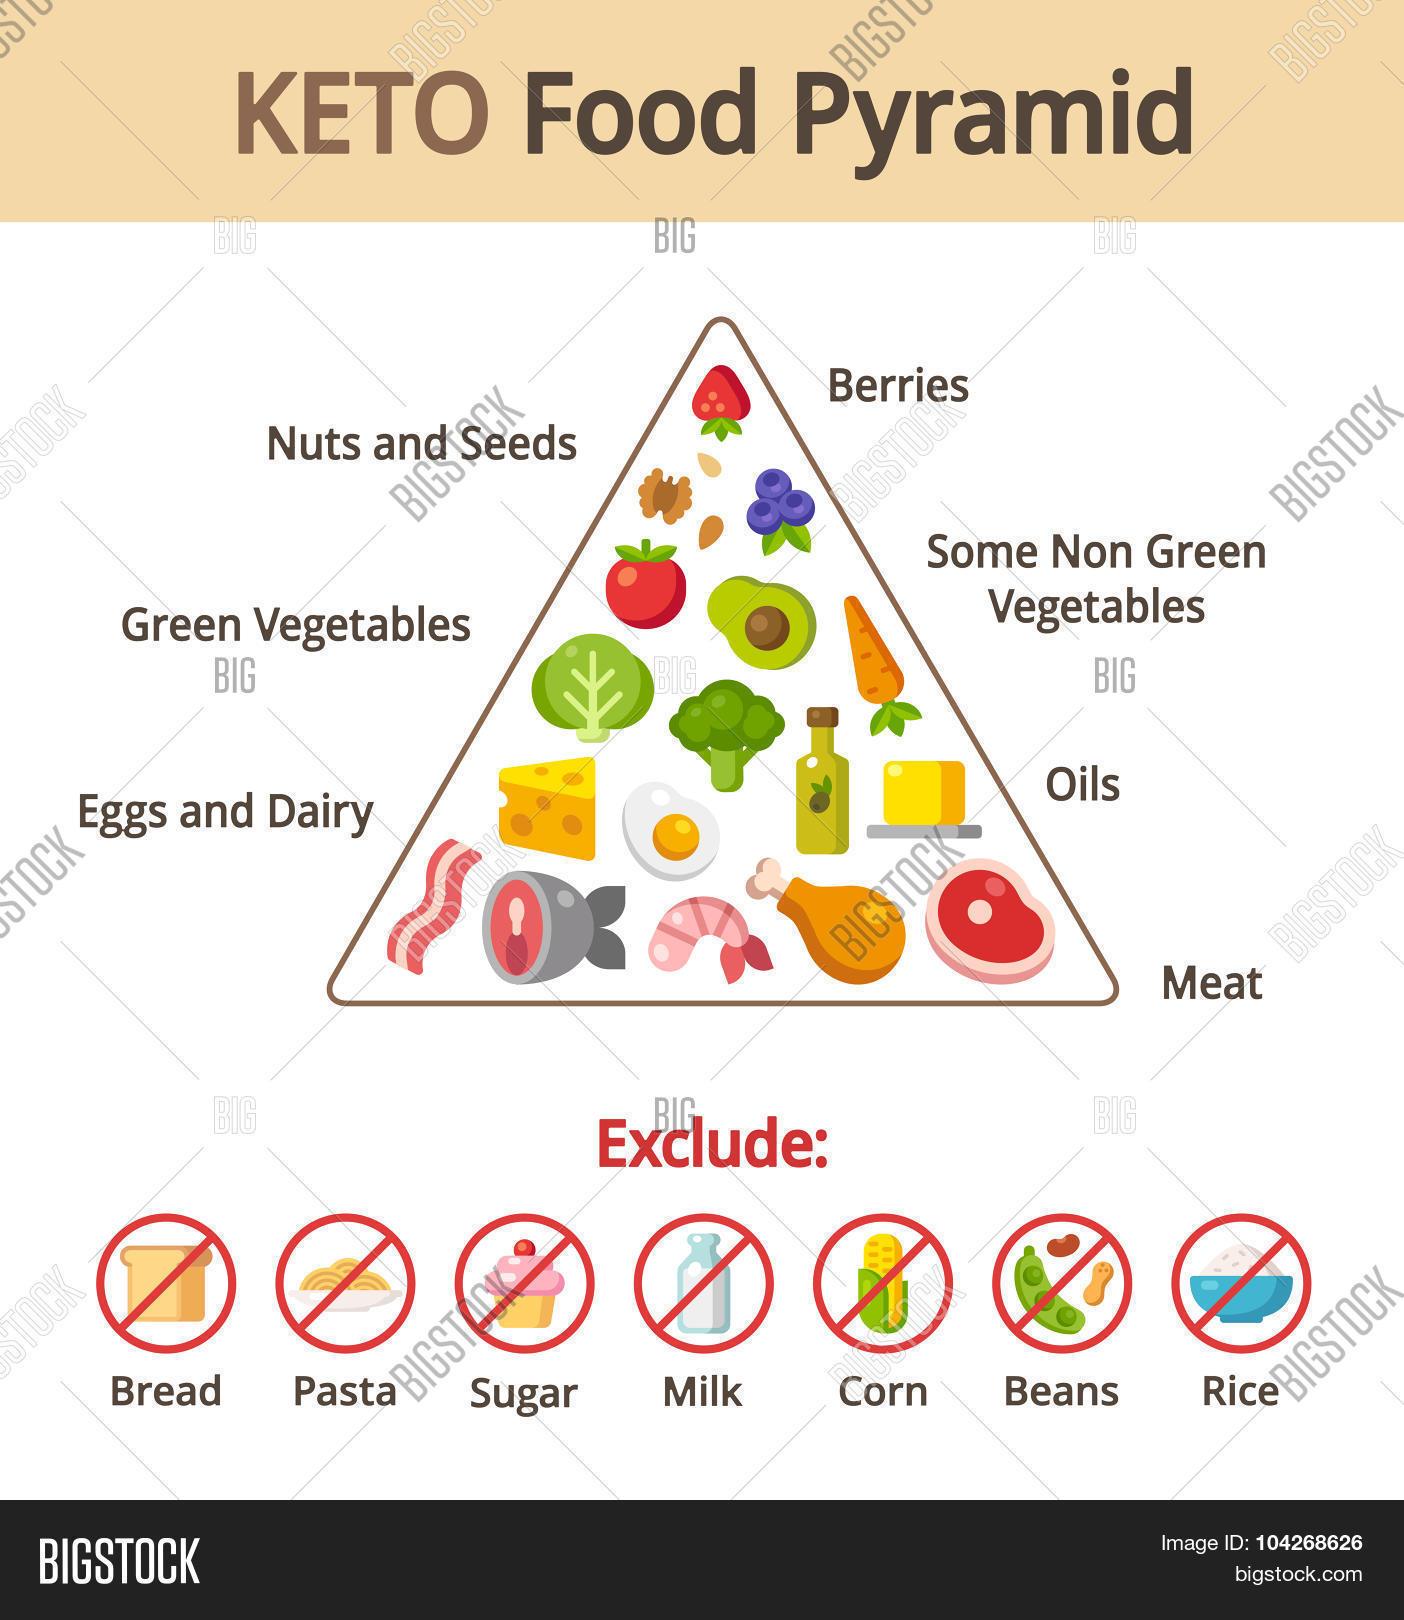 Close Image Preview Keto Food Pyramid